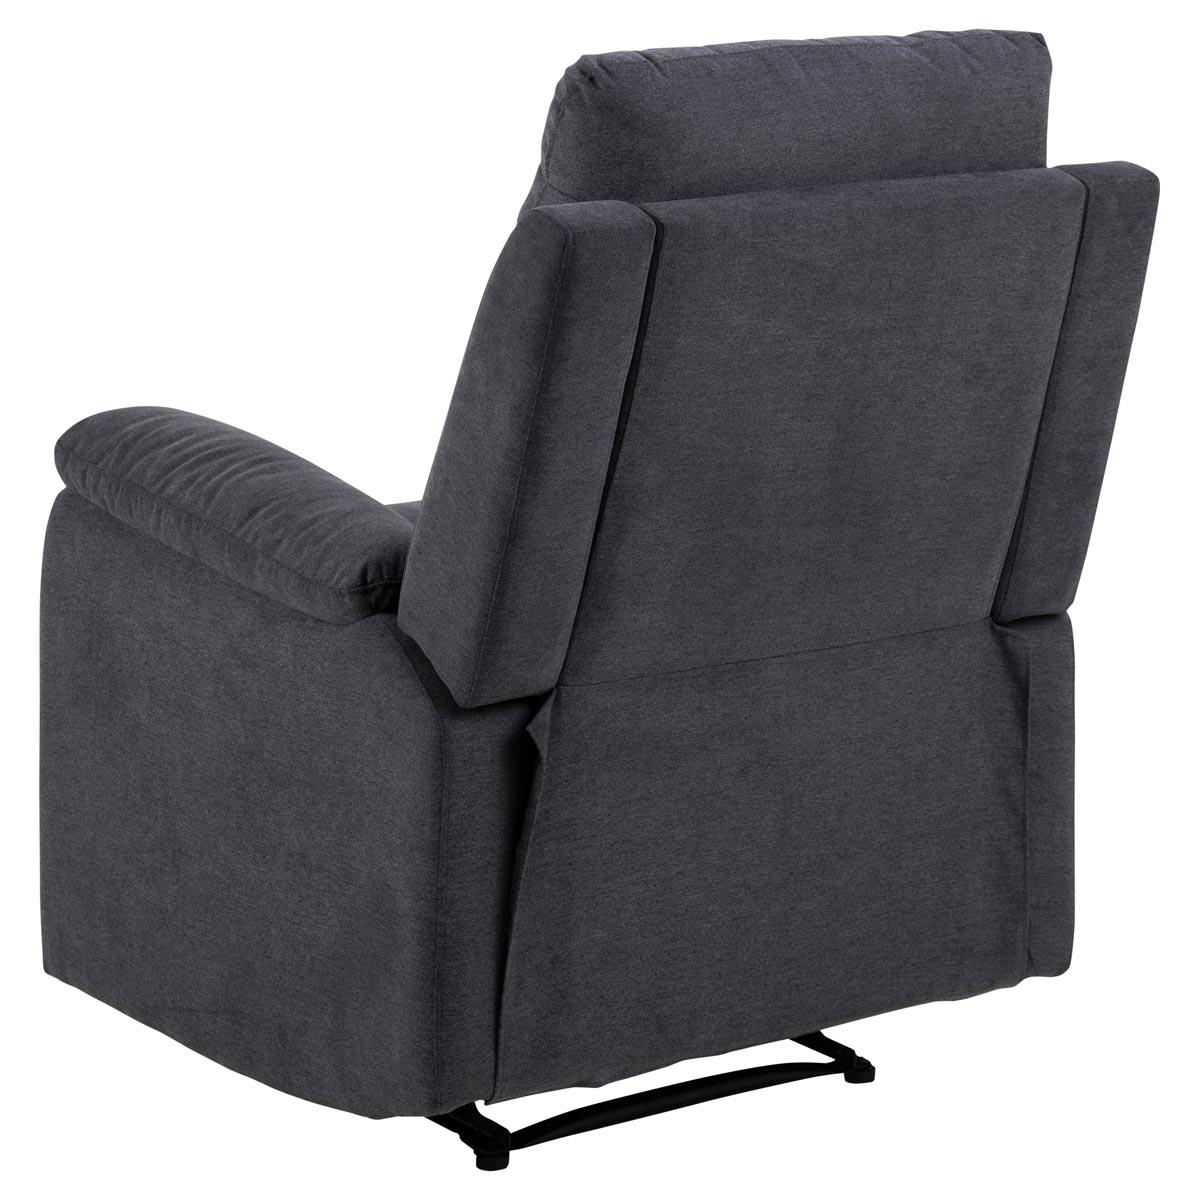 Smogen-fatolj-recliner-rygg